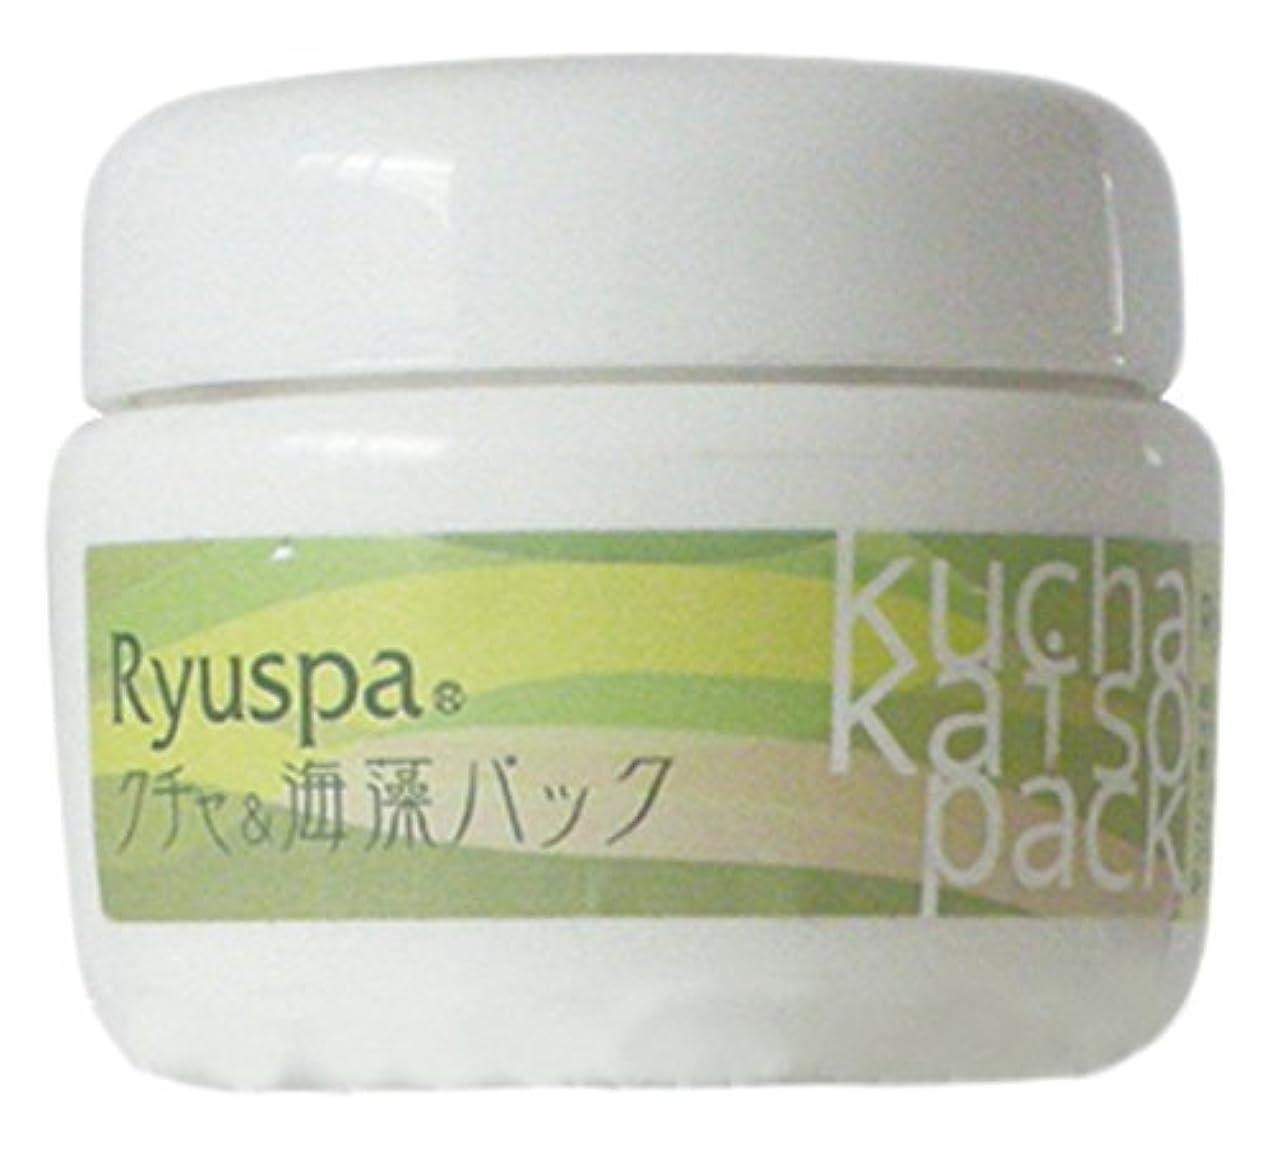 司書心理的に講堂Ryuspa(琉スパ) クチャ&海藻パック30g